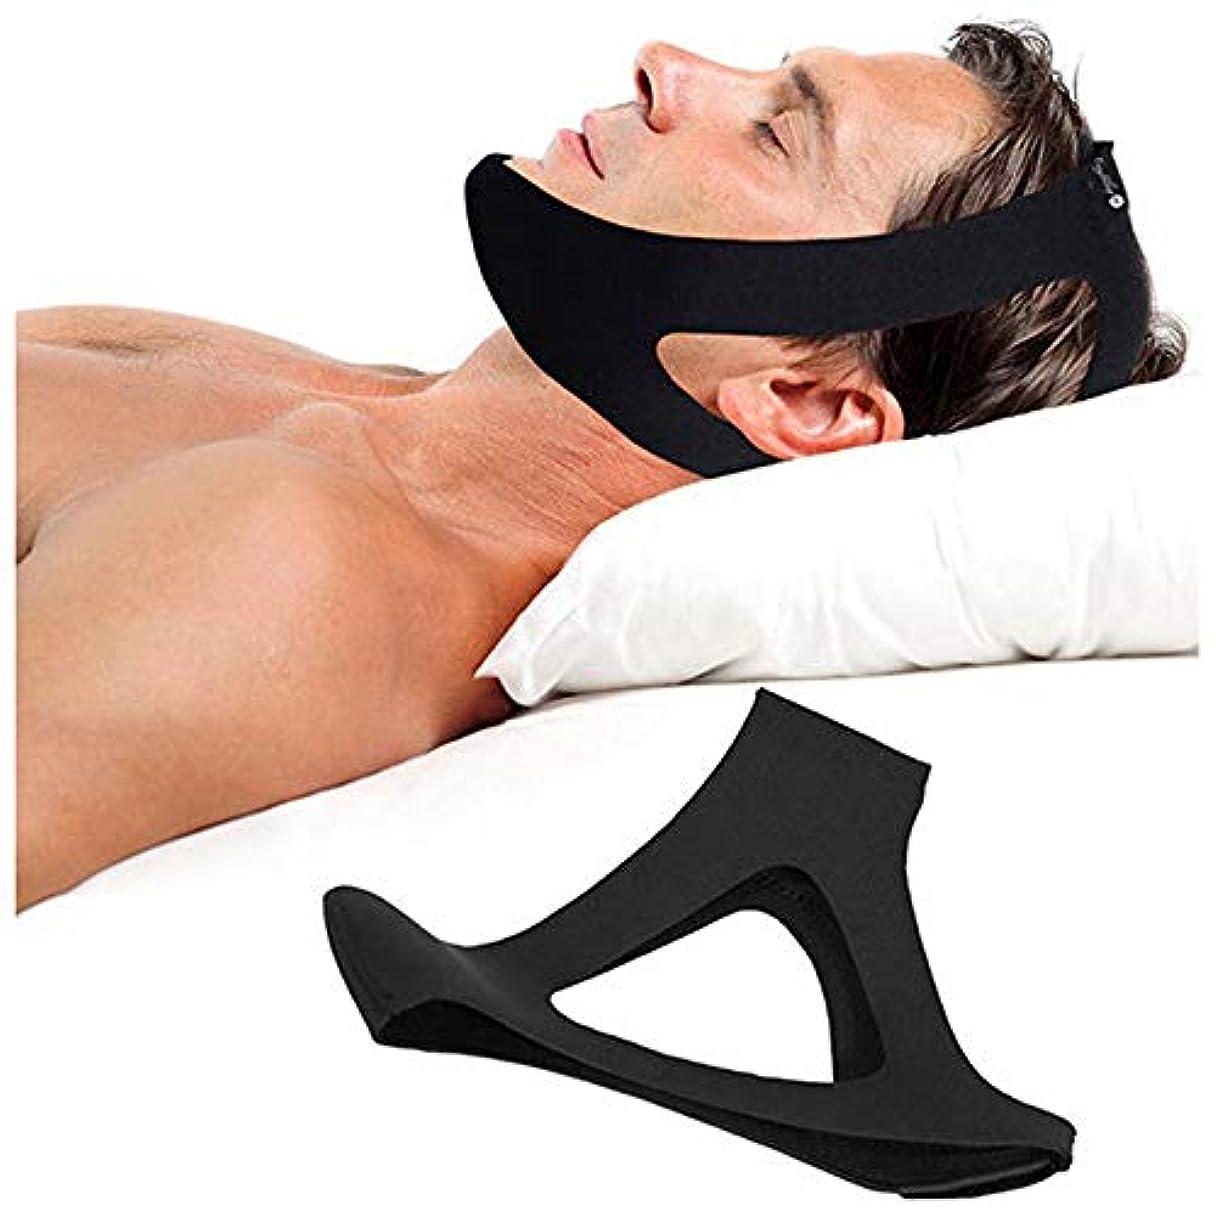 本土テスピアンブーストアンチいびきあごストラップ停止いびきいびきベルト睡眠時無呼吸あごサポートストラップ女性男性ナイト睡眠補助ツールフェイスリフトツール,A